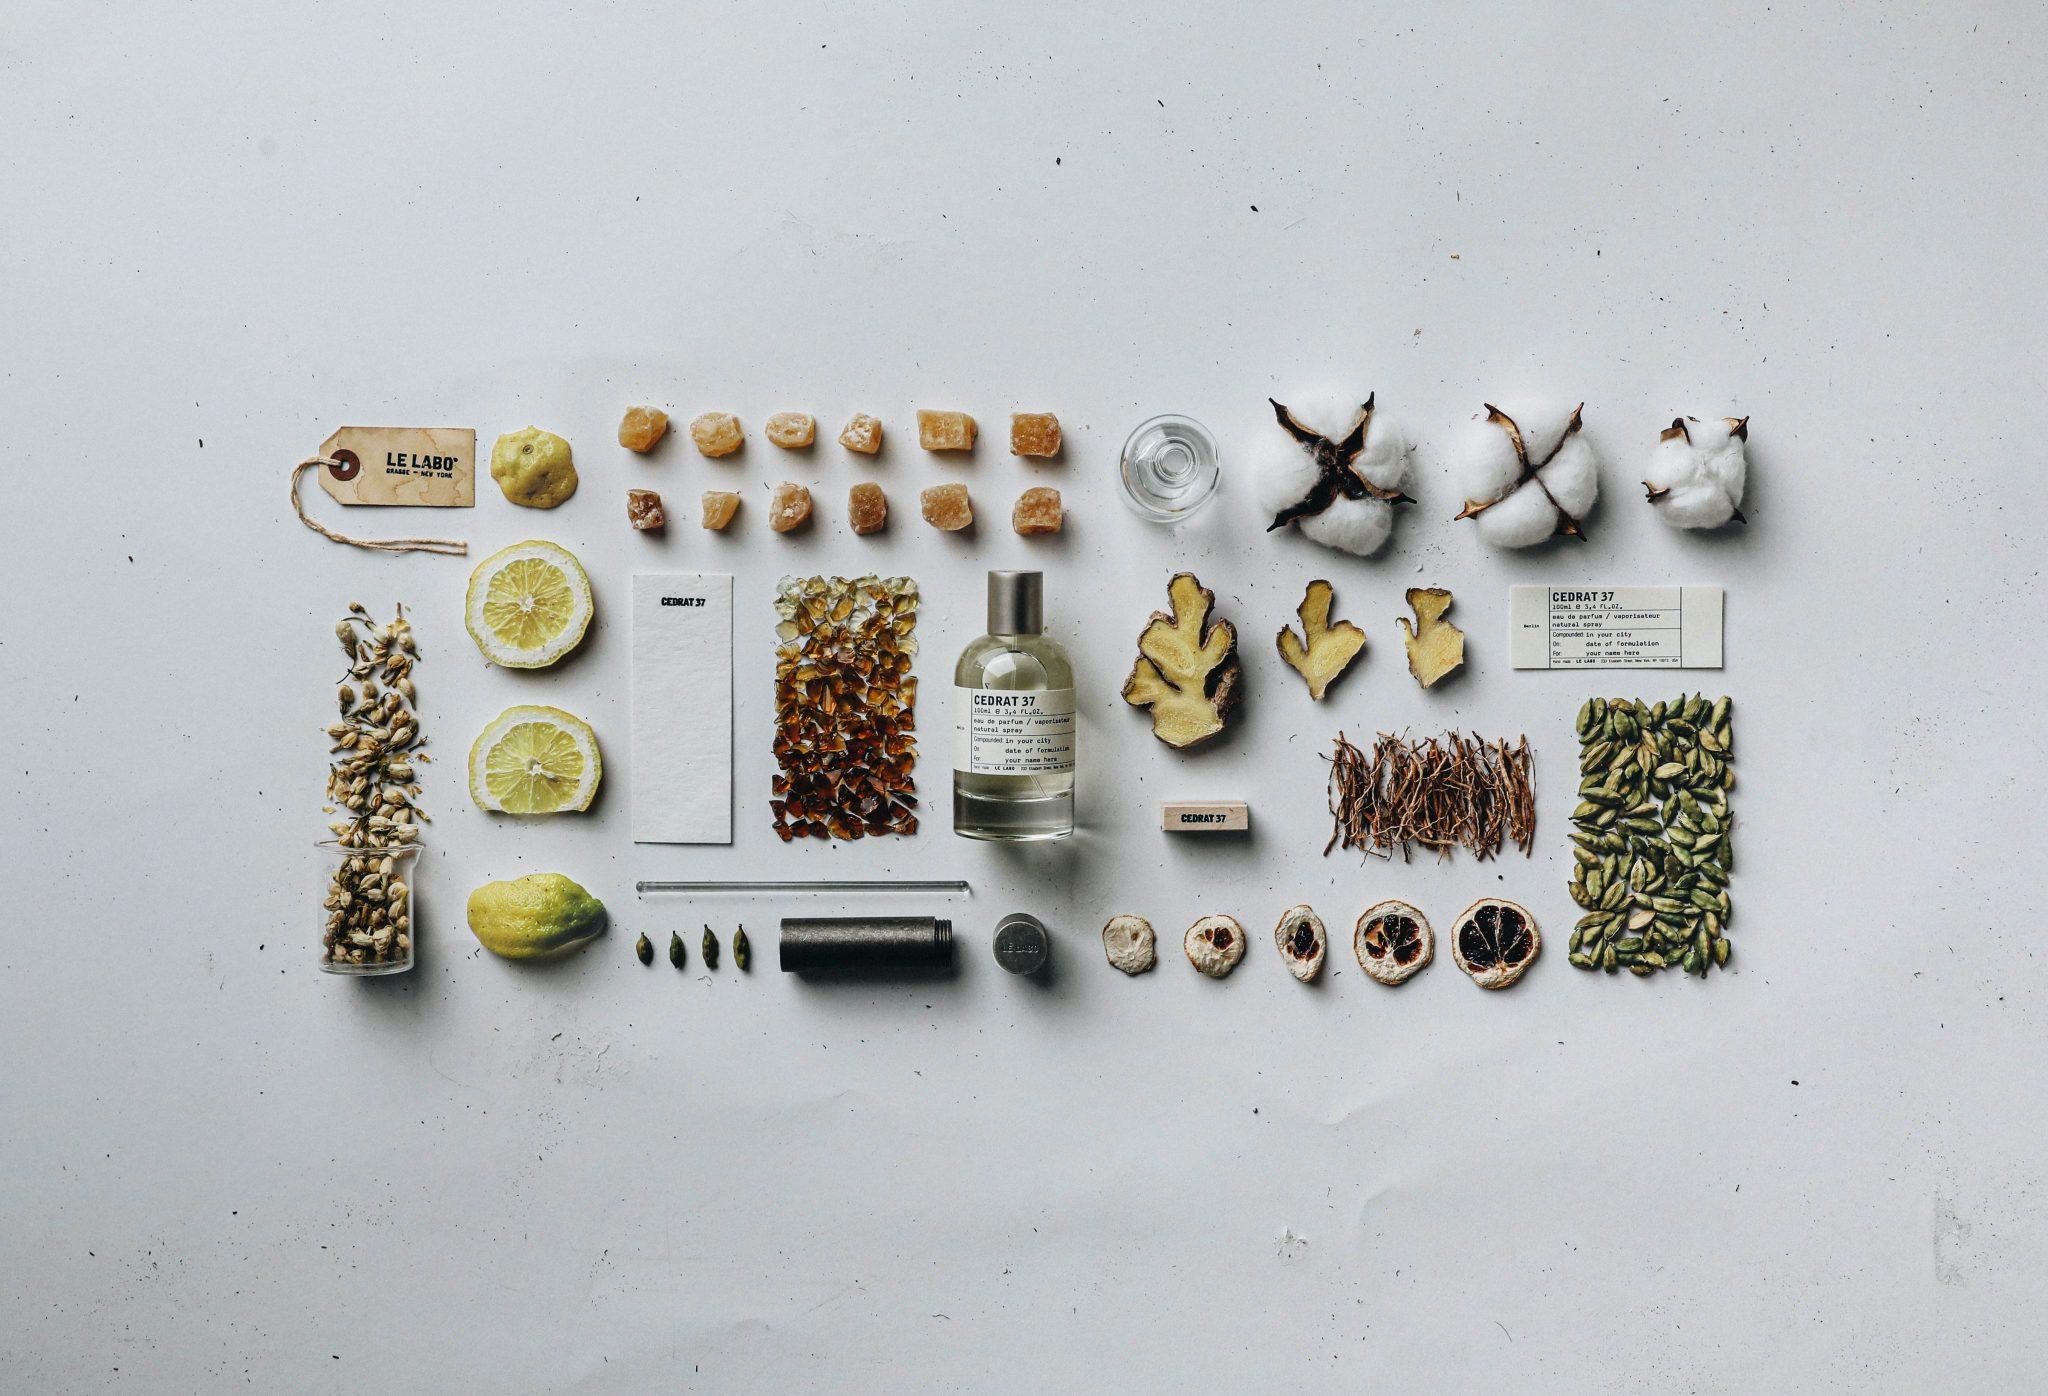 Editor's Pick: Cedrat 37, het nieuwe parfum van Le Labo - 1